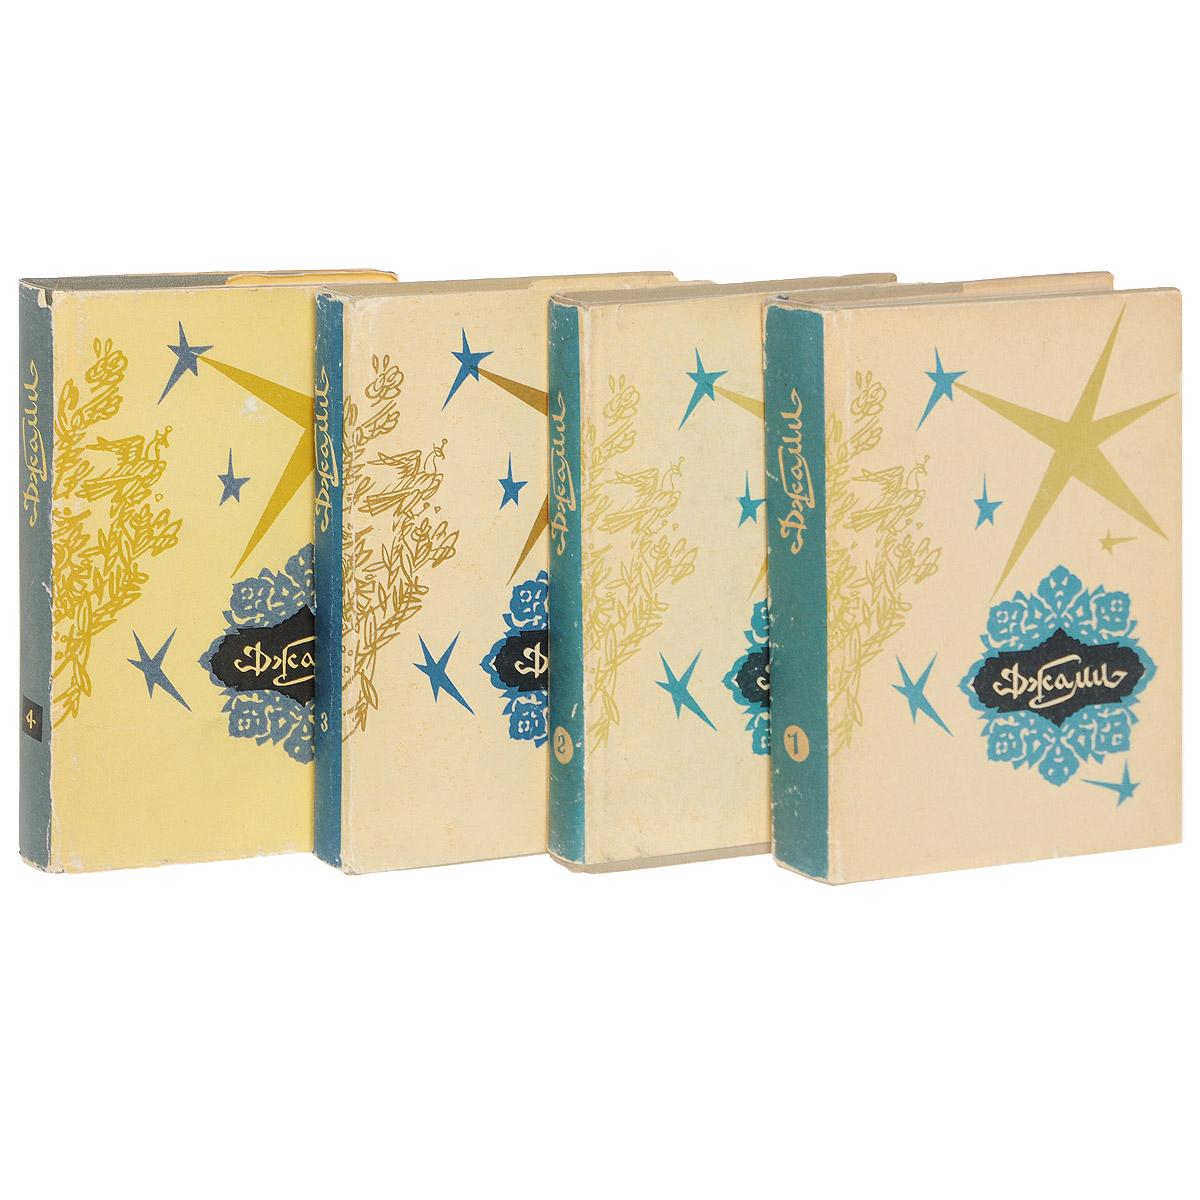 Абдуррахман Джами. Избранные произведения. В 4 томах (комплект из 4 книг)